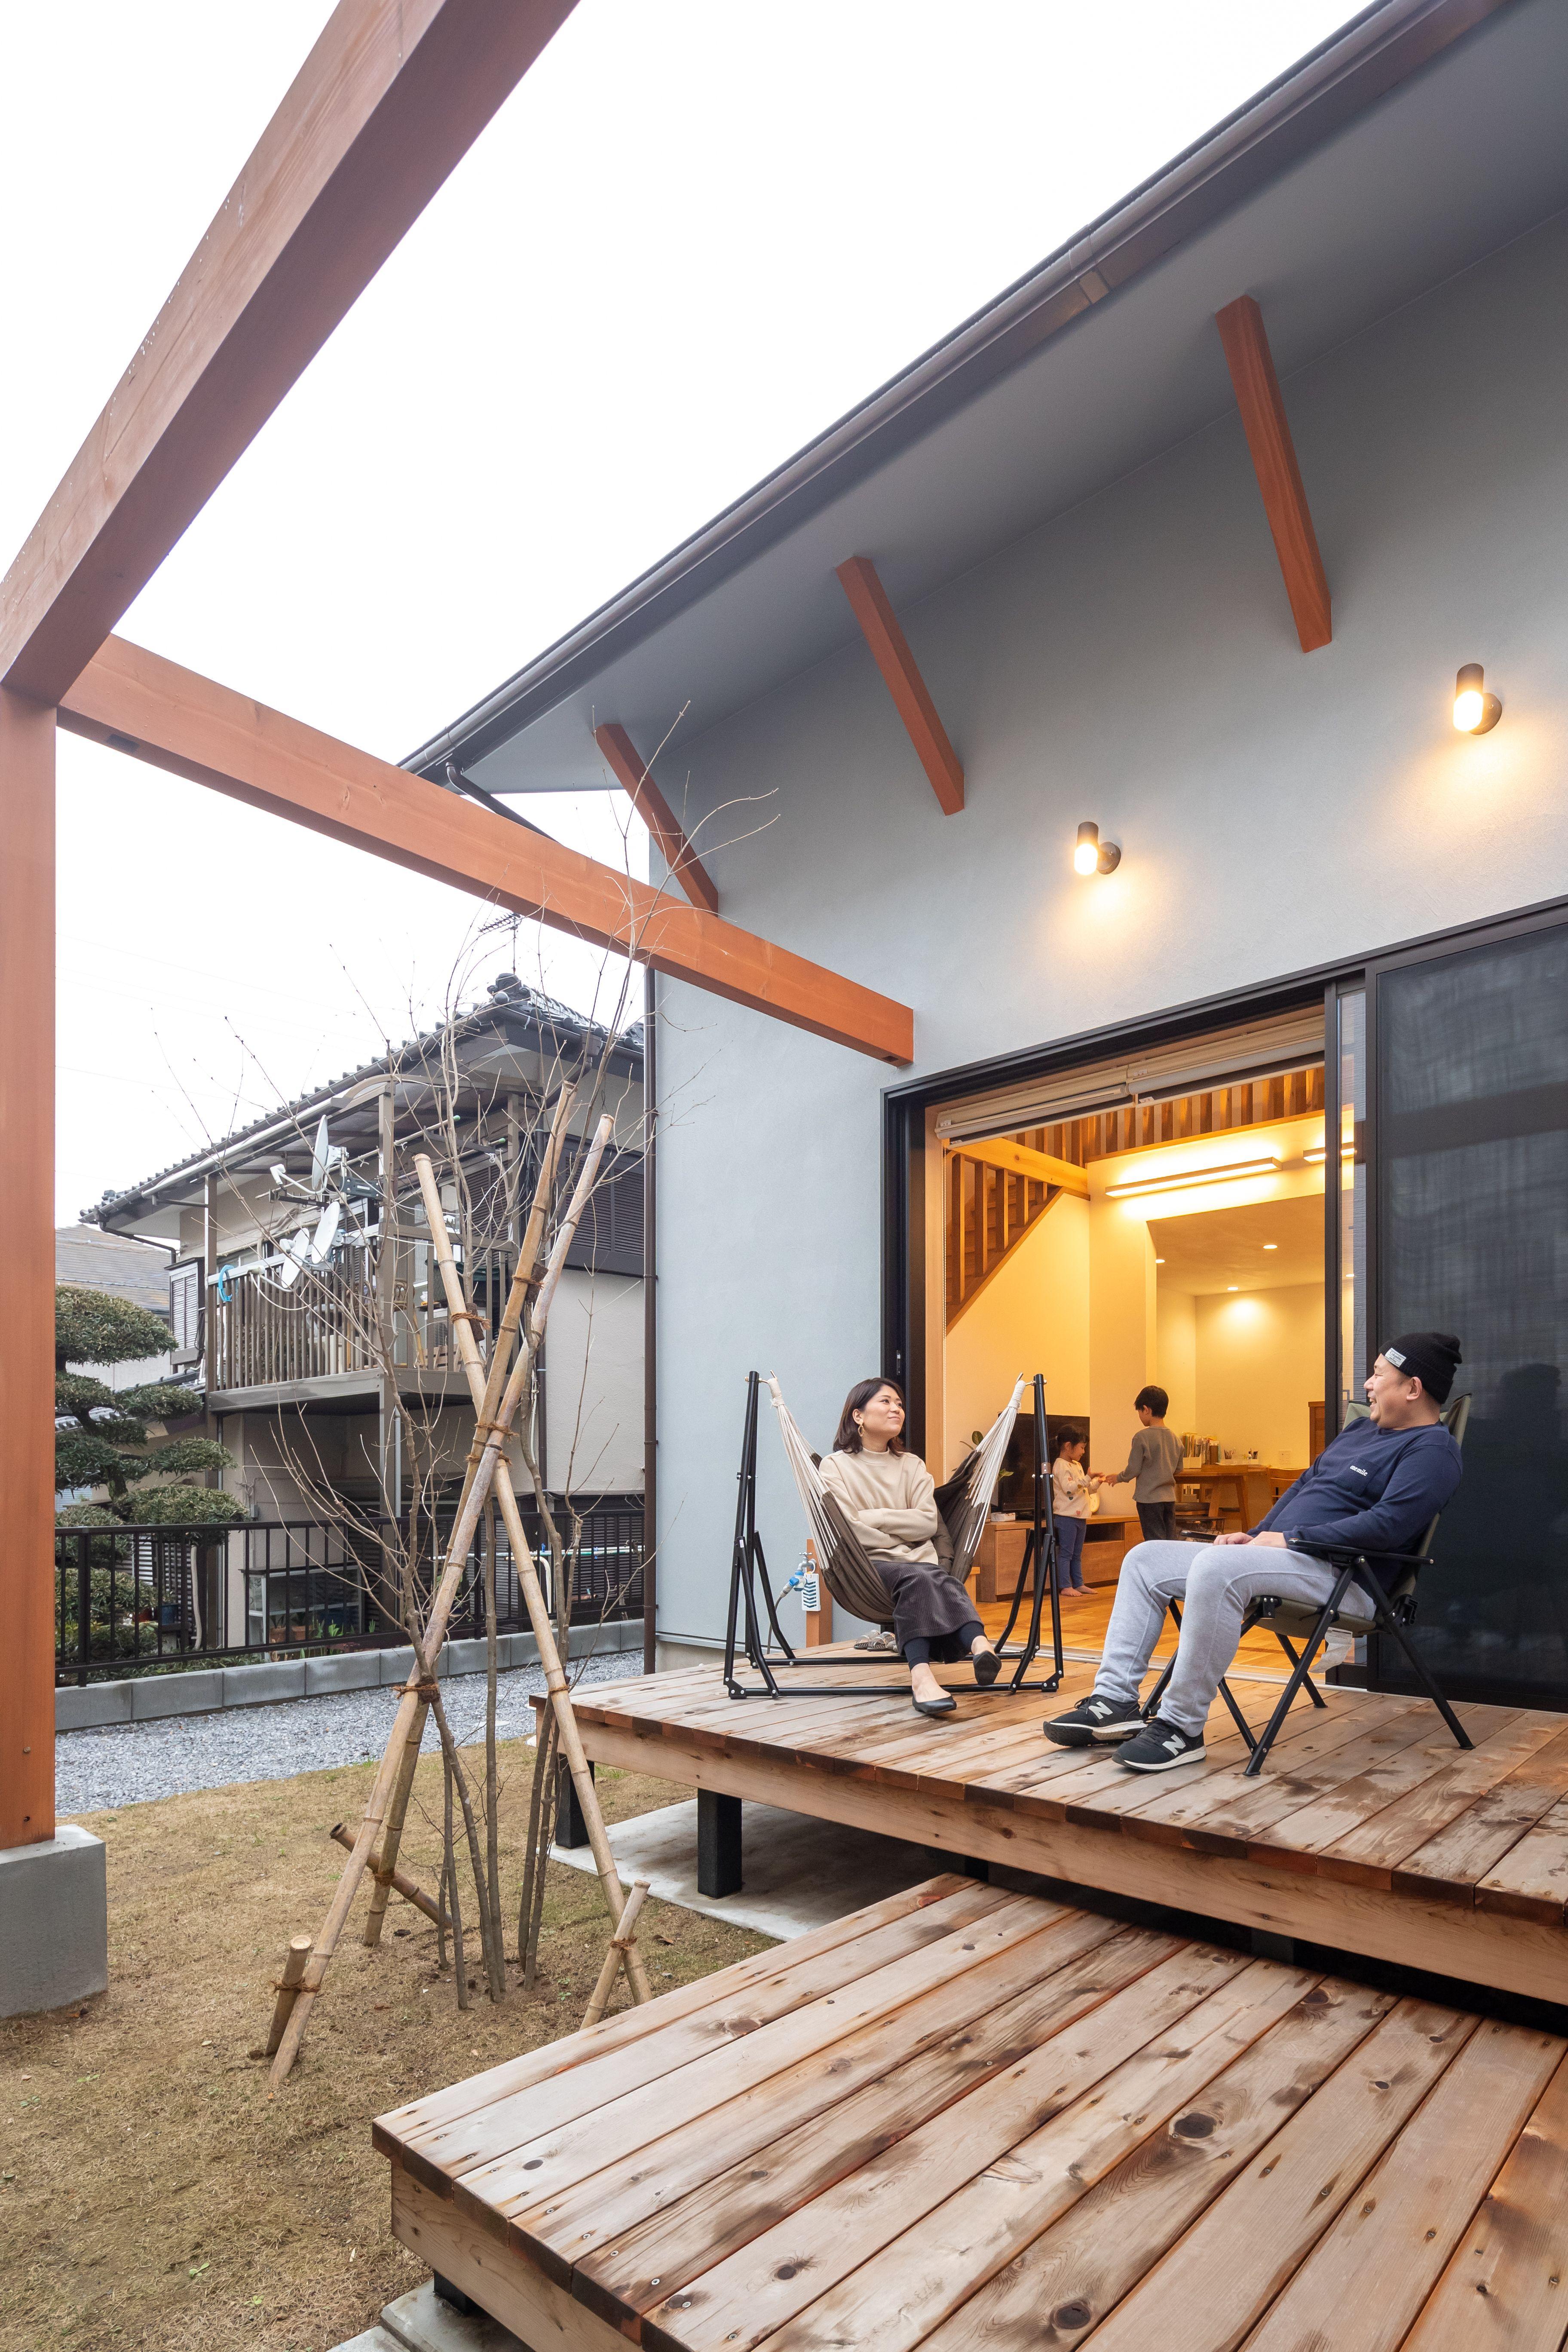 ウッドデッキ 庭 ひとつなぎの空間で憩う家 エーセンス建築設計 ウッドデッキ 中庭 ウッドデッキ 家